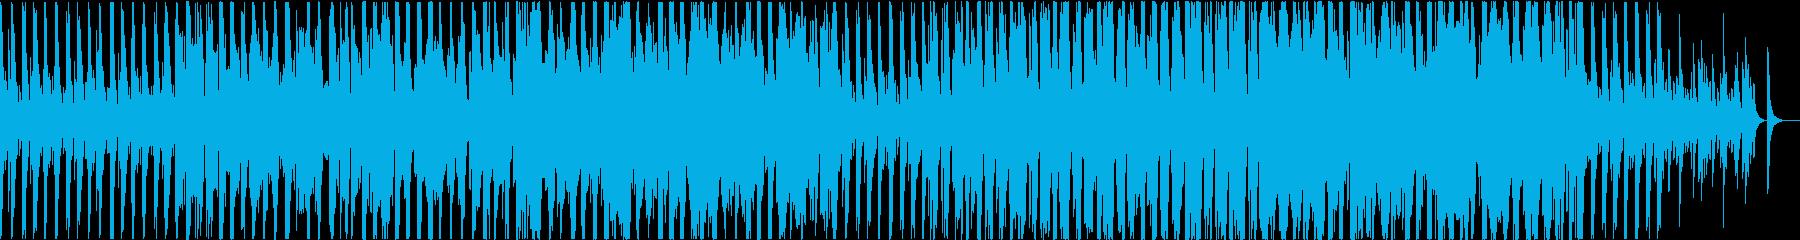 ほんわかと探検している気分になる曲の再生済みの波形